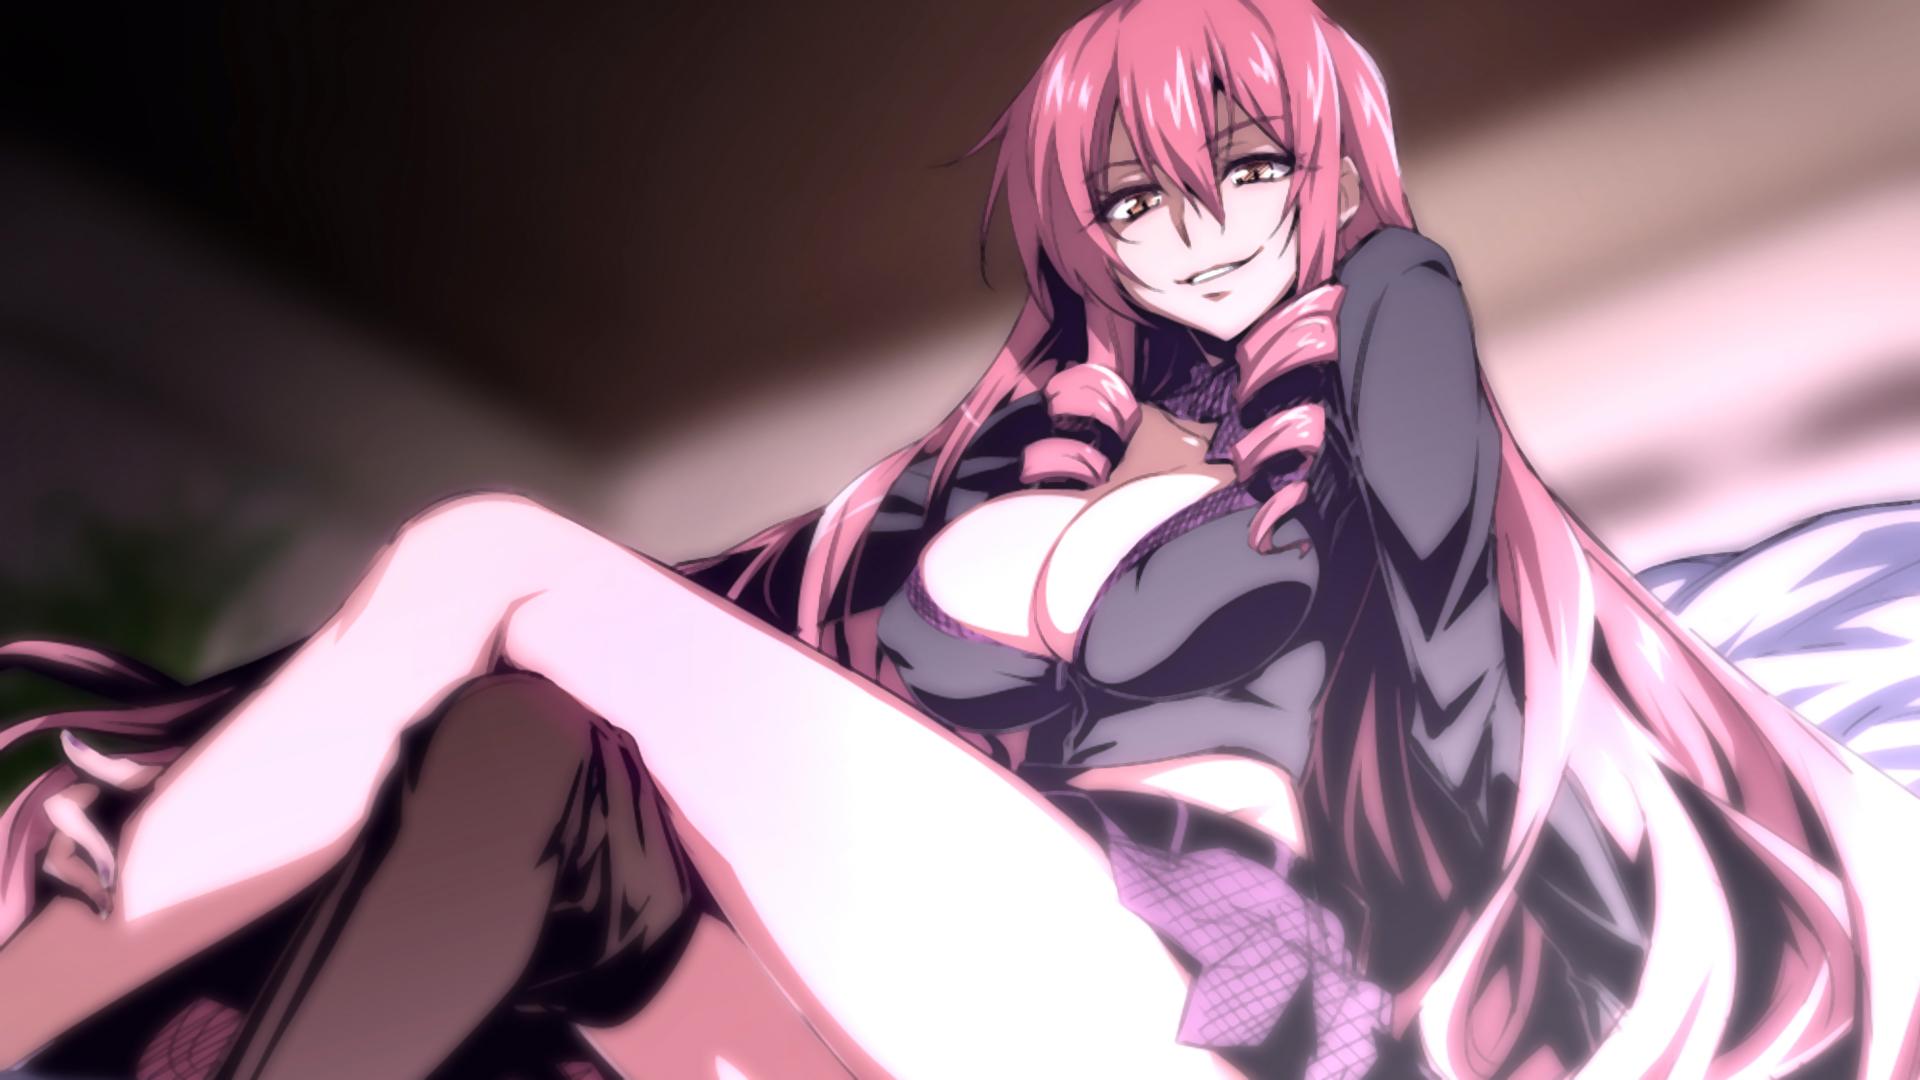 Wallpaper  Long Hair, Anime Girls, Big Boobs, Cleavage, Skirt, Pink Hair, Pink Eyes -6620